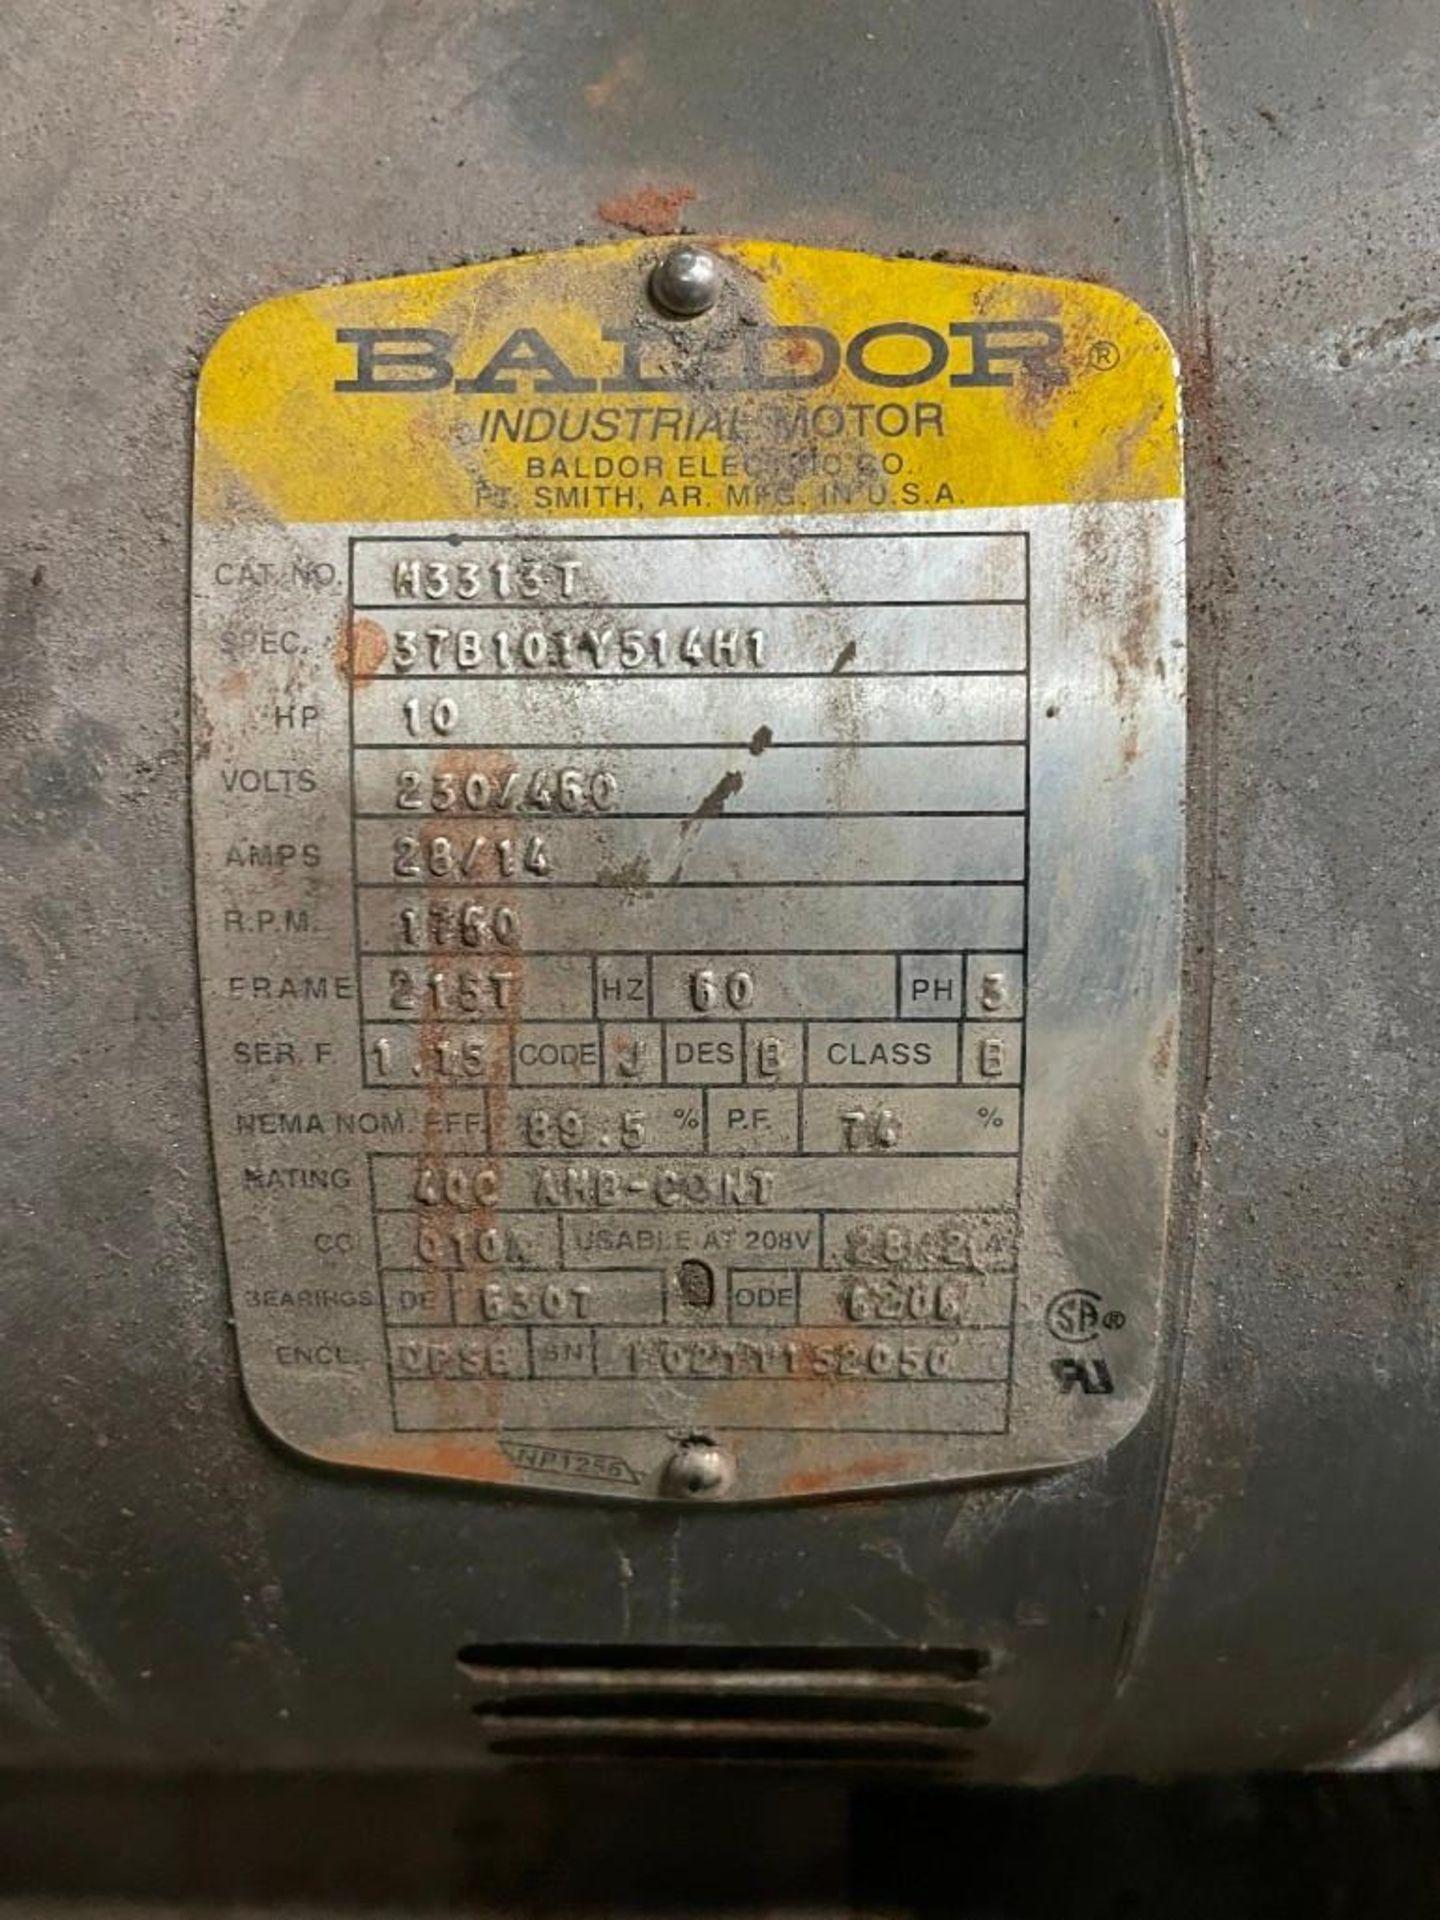 Peerless Pump with 10 Horsepower Baldor Motor - Image 5 of 5